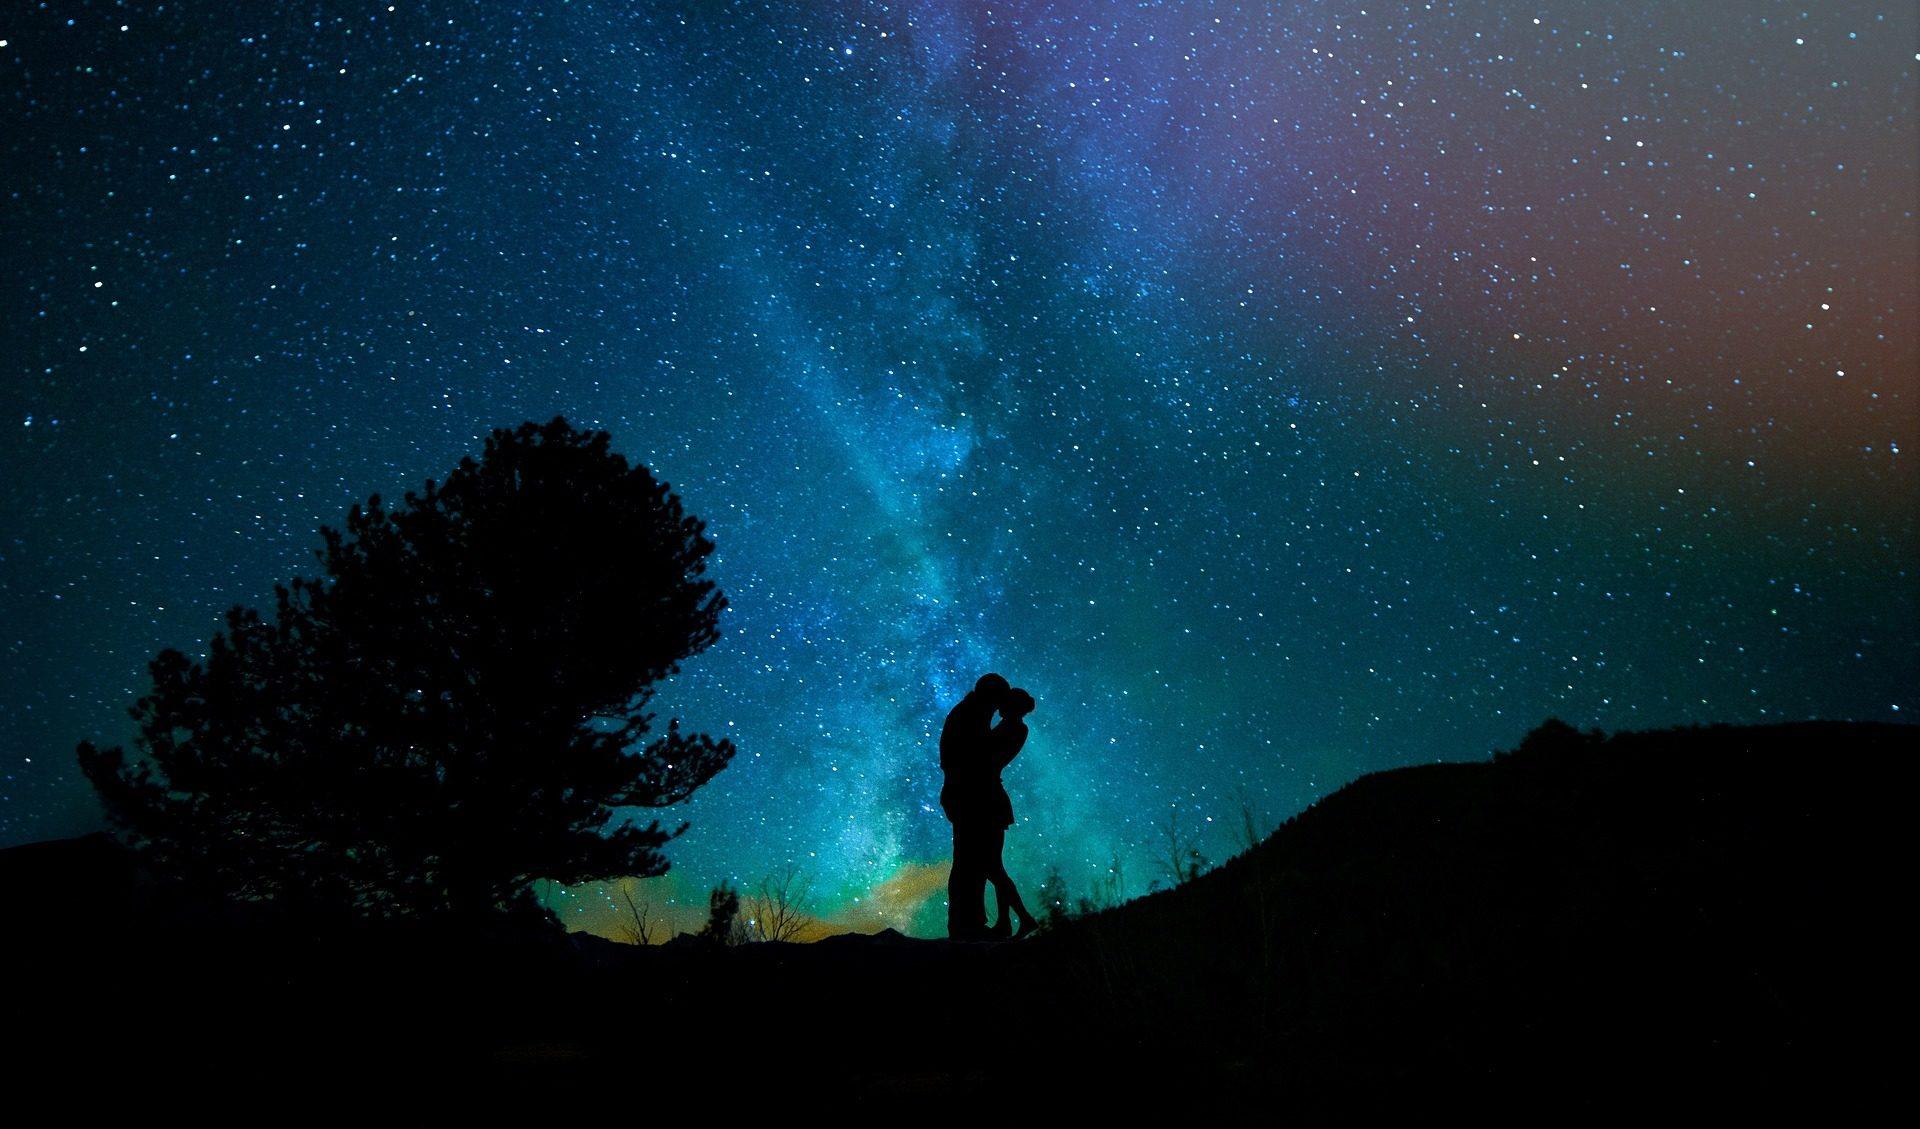 Небо, ночь, Любители, Звезда, дерево - Обои HD - Профессор falken.com